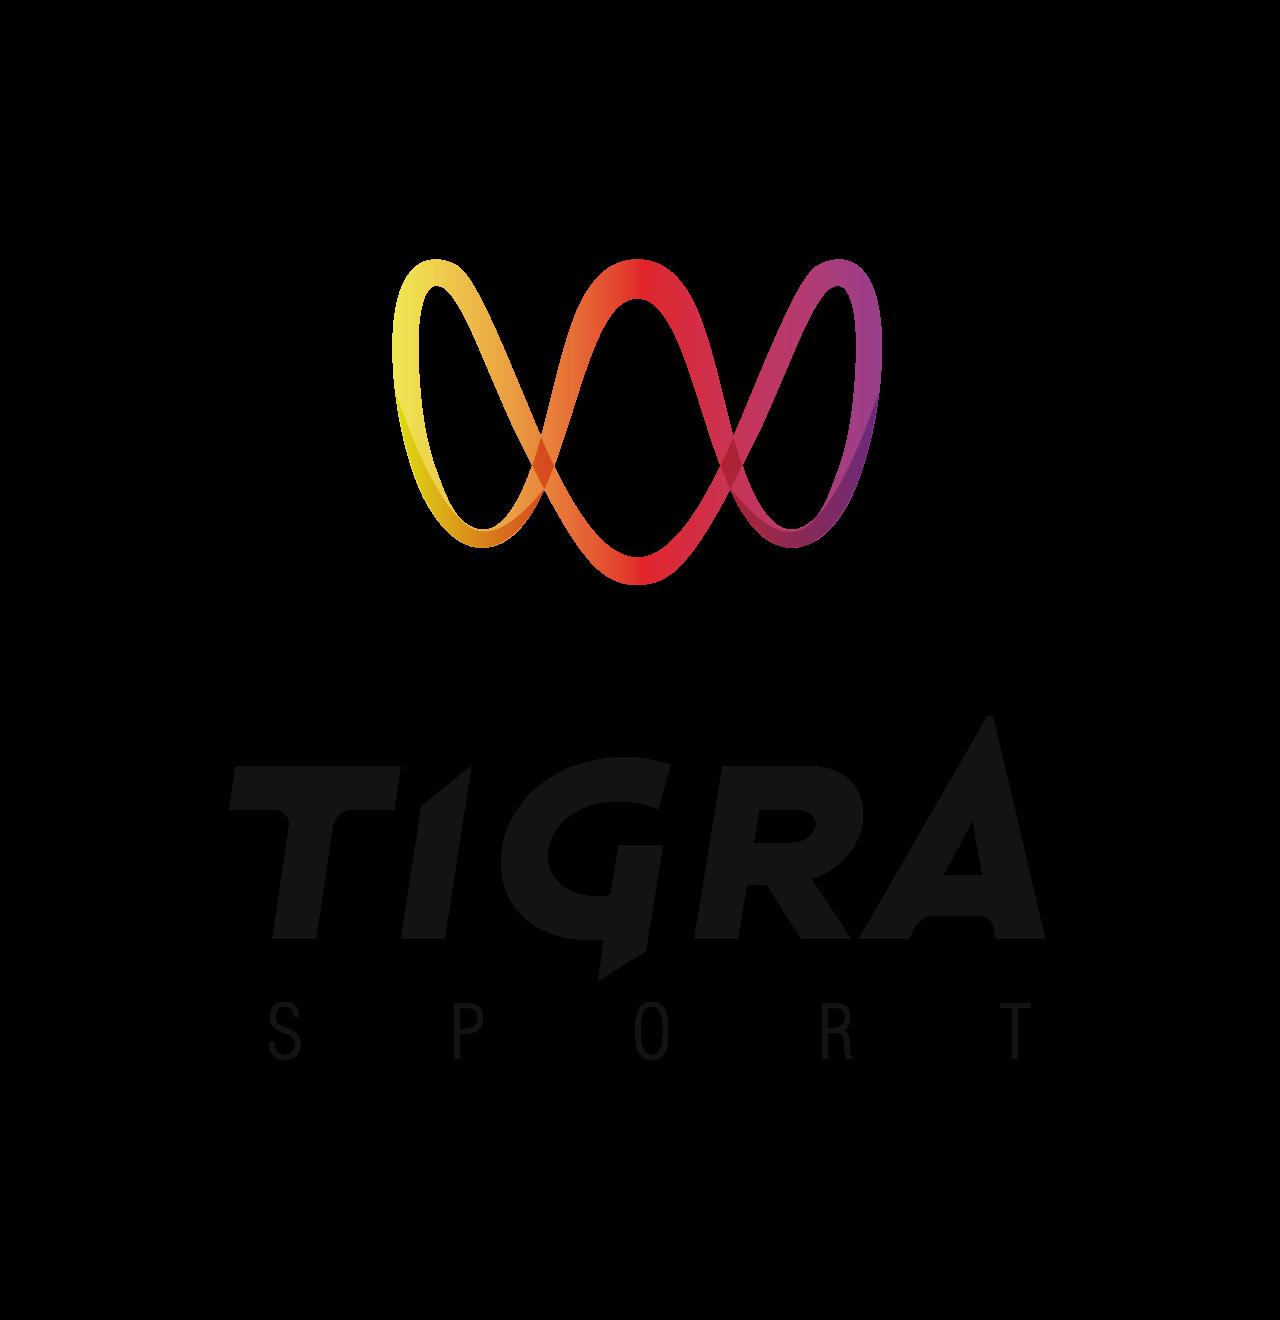 Tigra sport - exkluzivní distributor